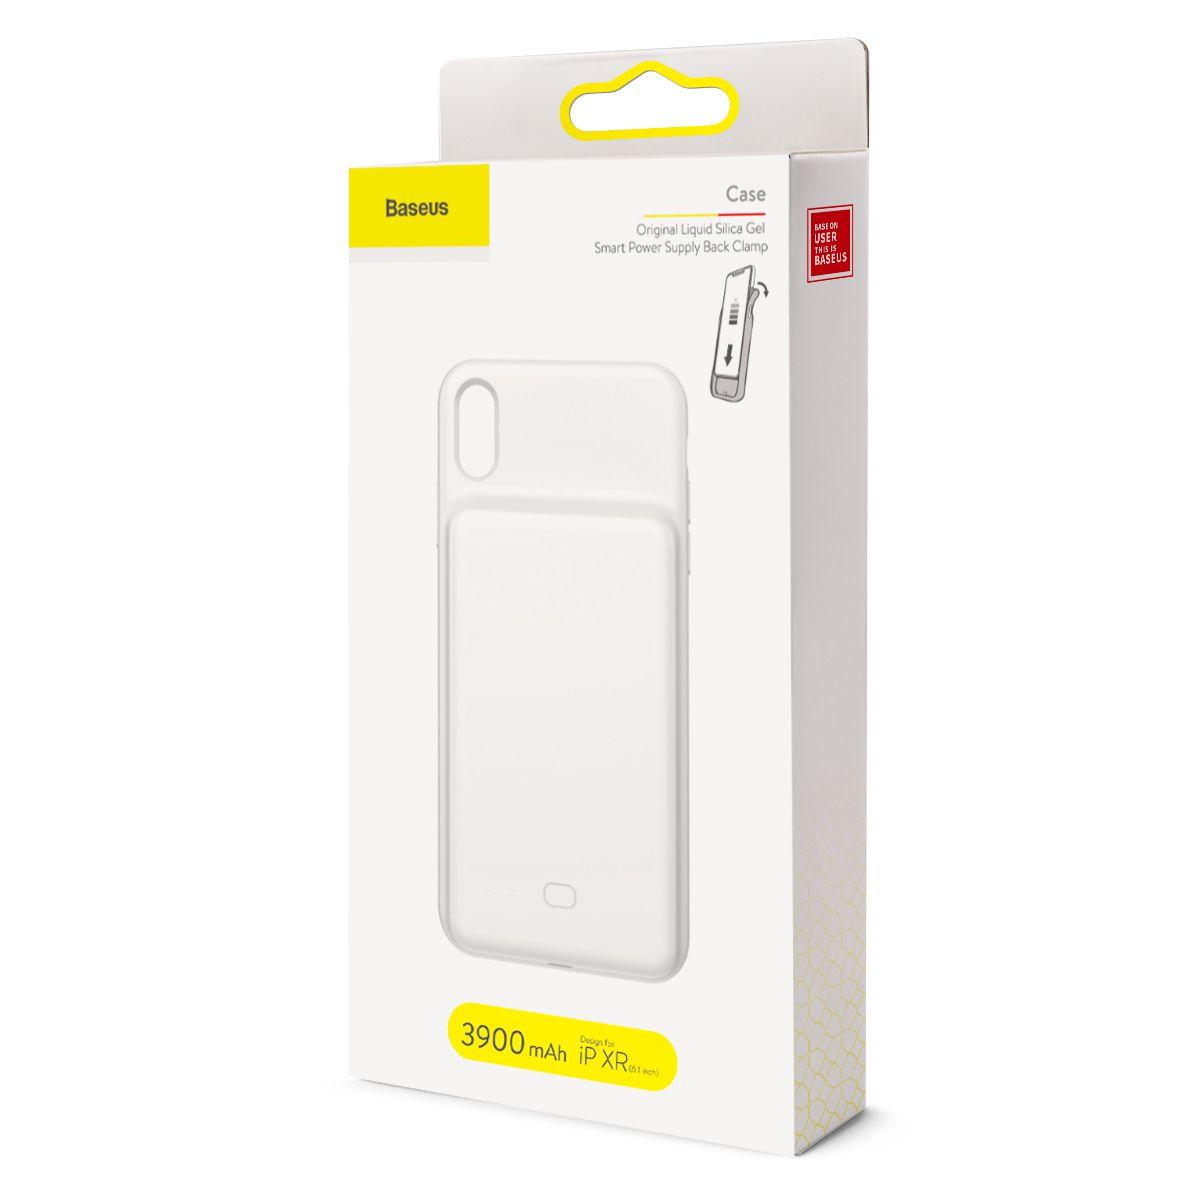 Capa Carregadora Baseus para iPhone XR com 3900 mAh